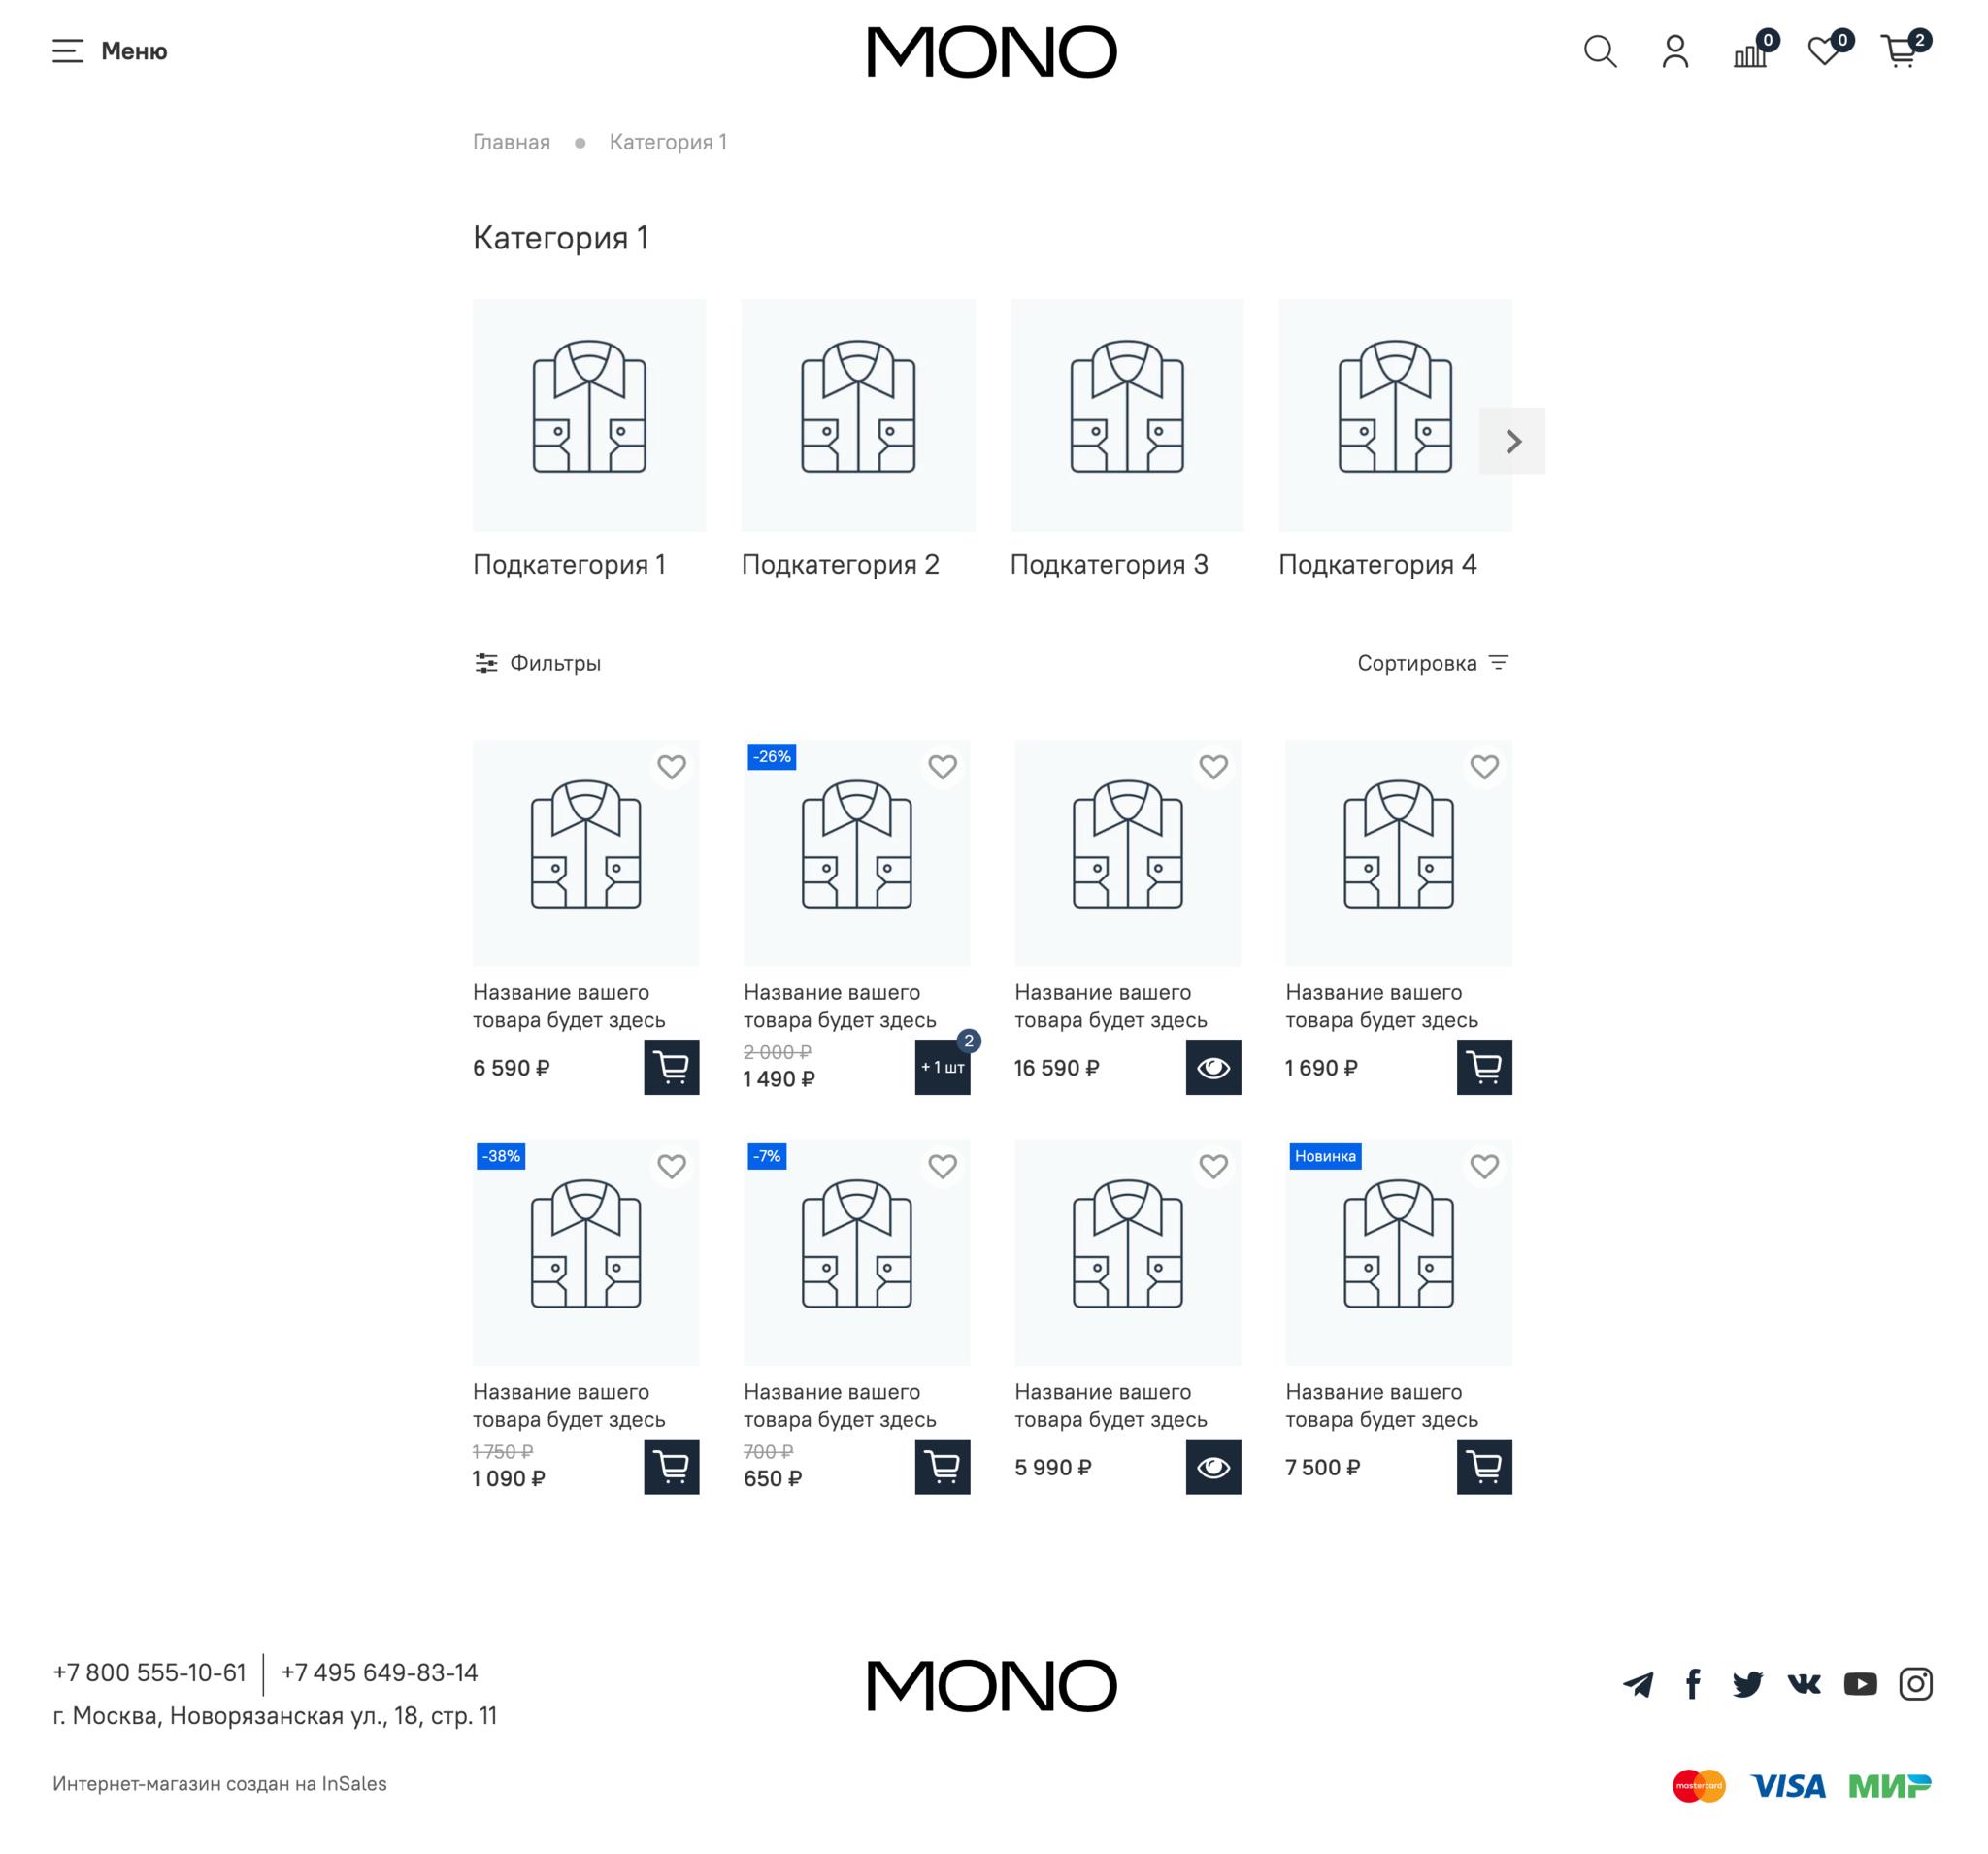 Шаблон интернет магазина - Mono